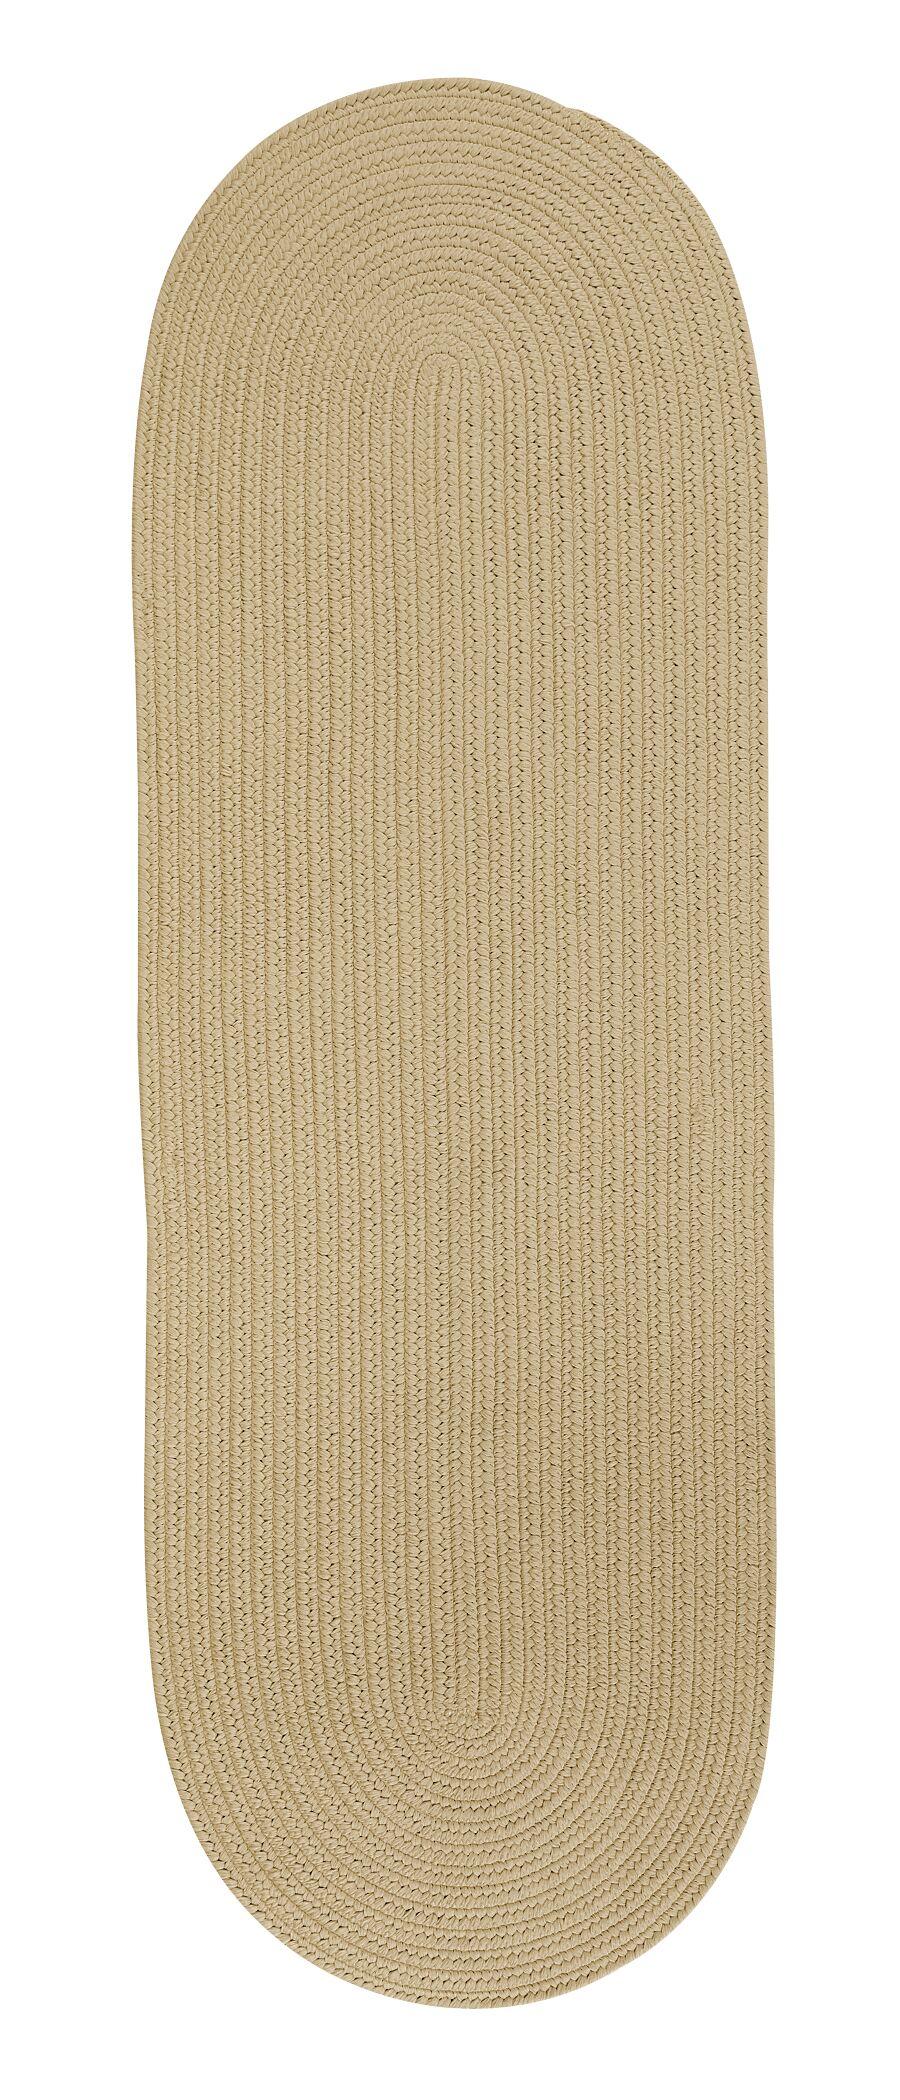 Weldon Reversible Hand-Braided Beige Indoor/Outdoor Area Rug Rug Size: Runner 2'4